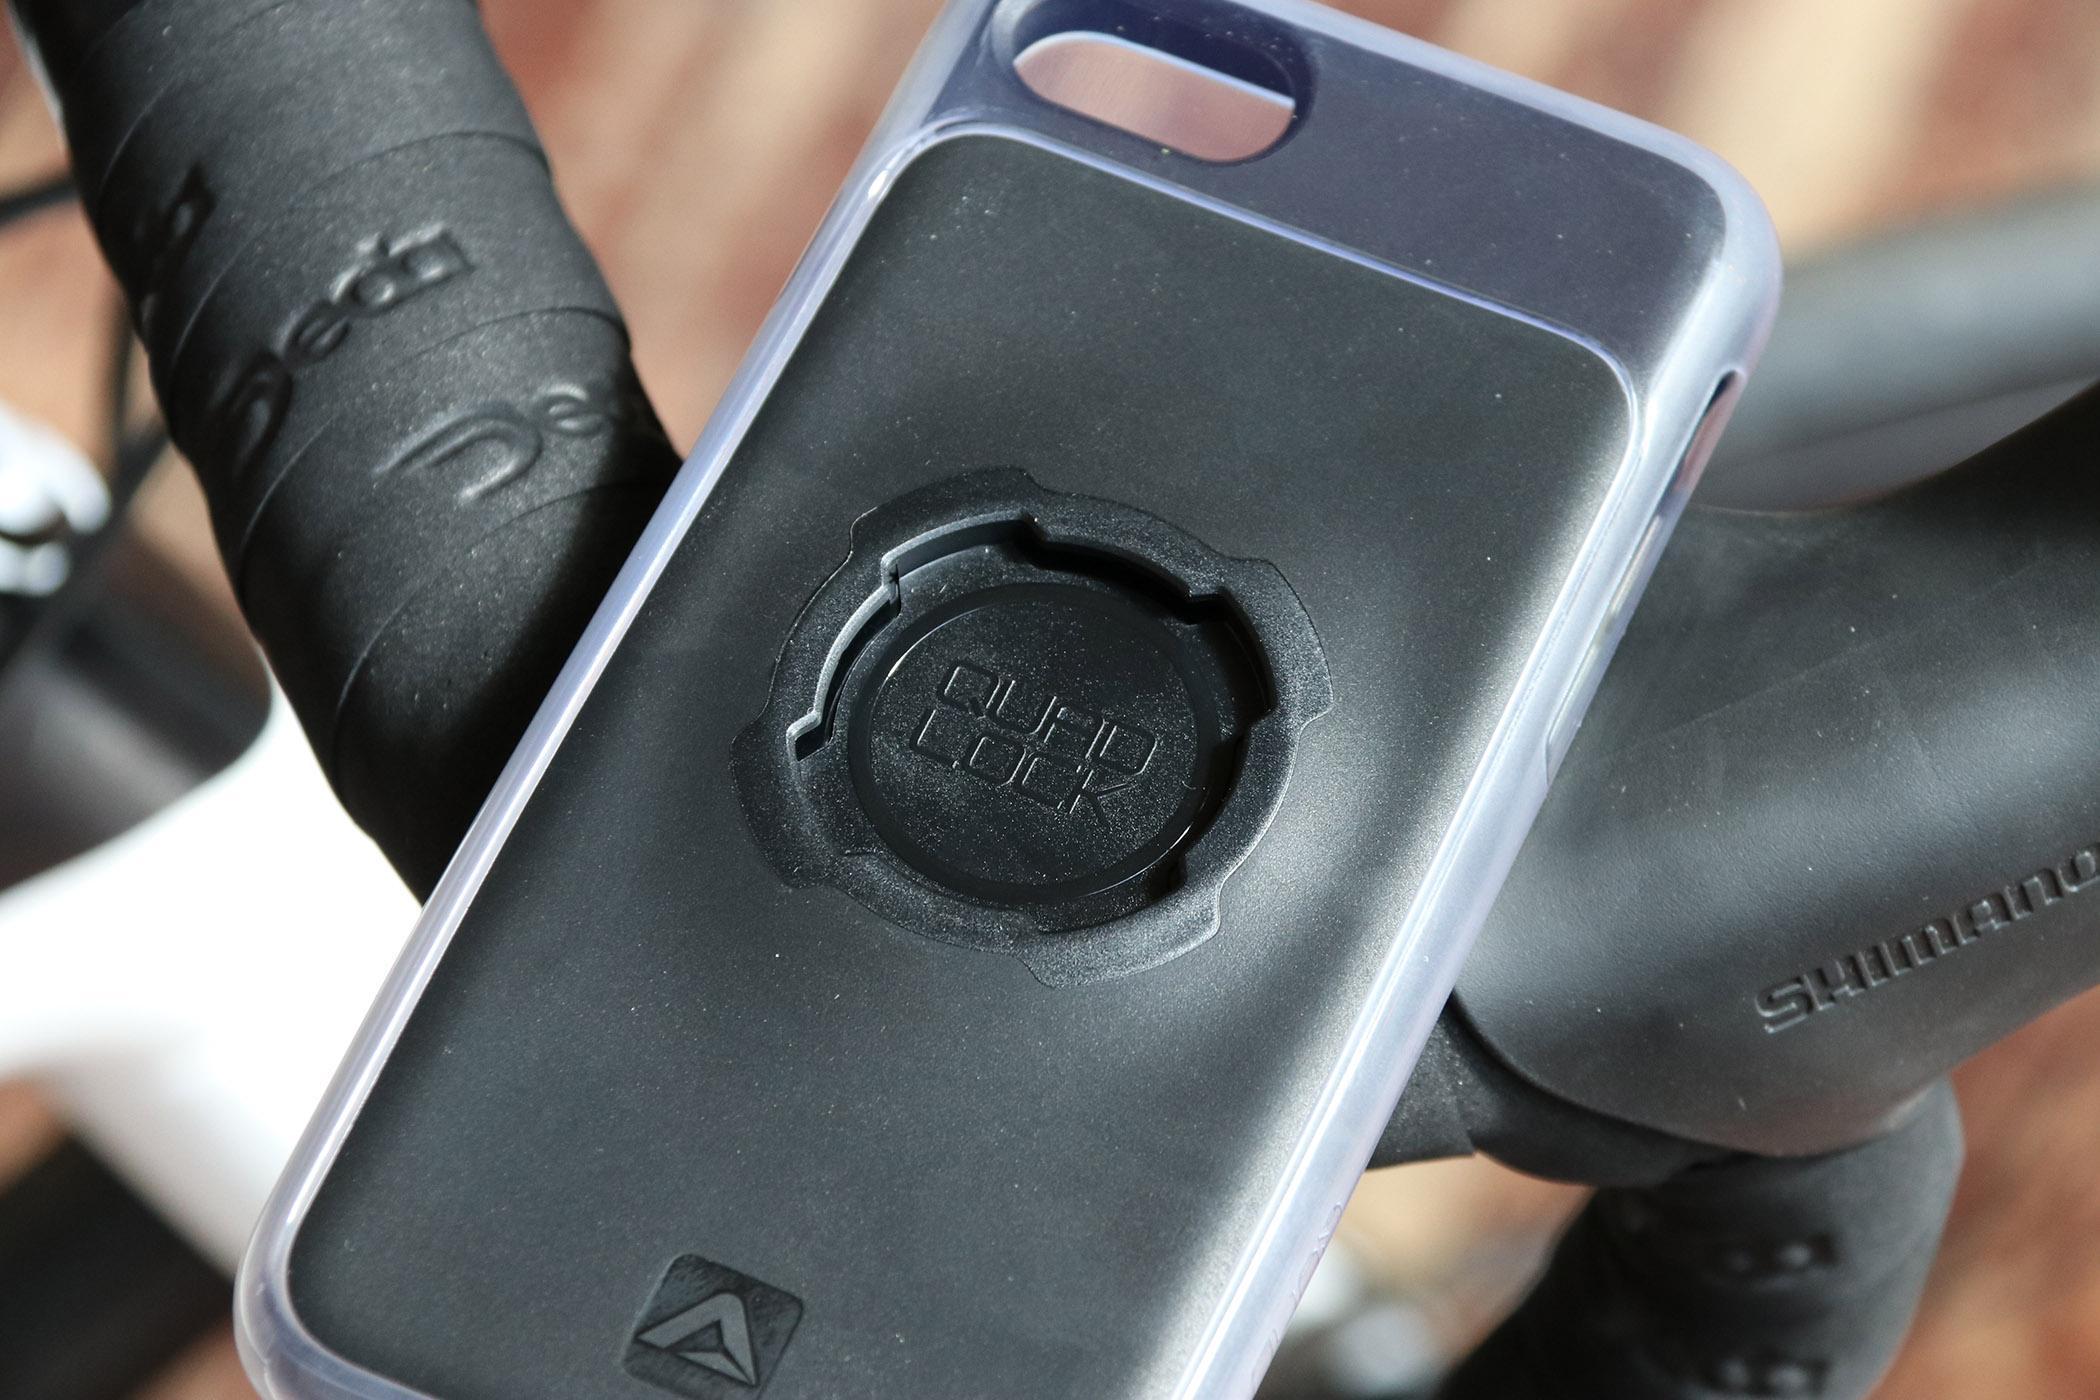 iphone 8 quadlock case